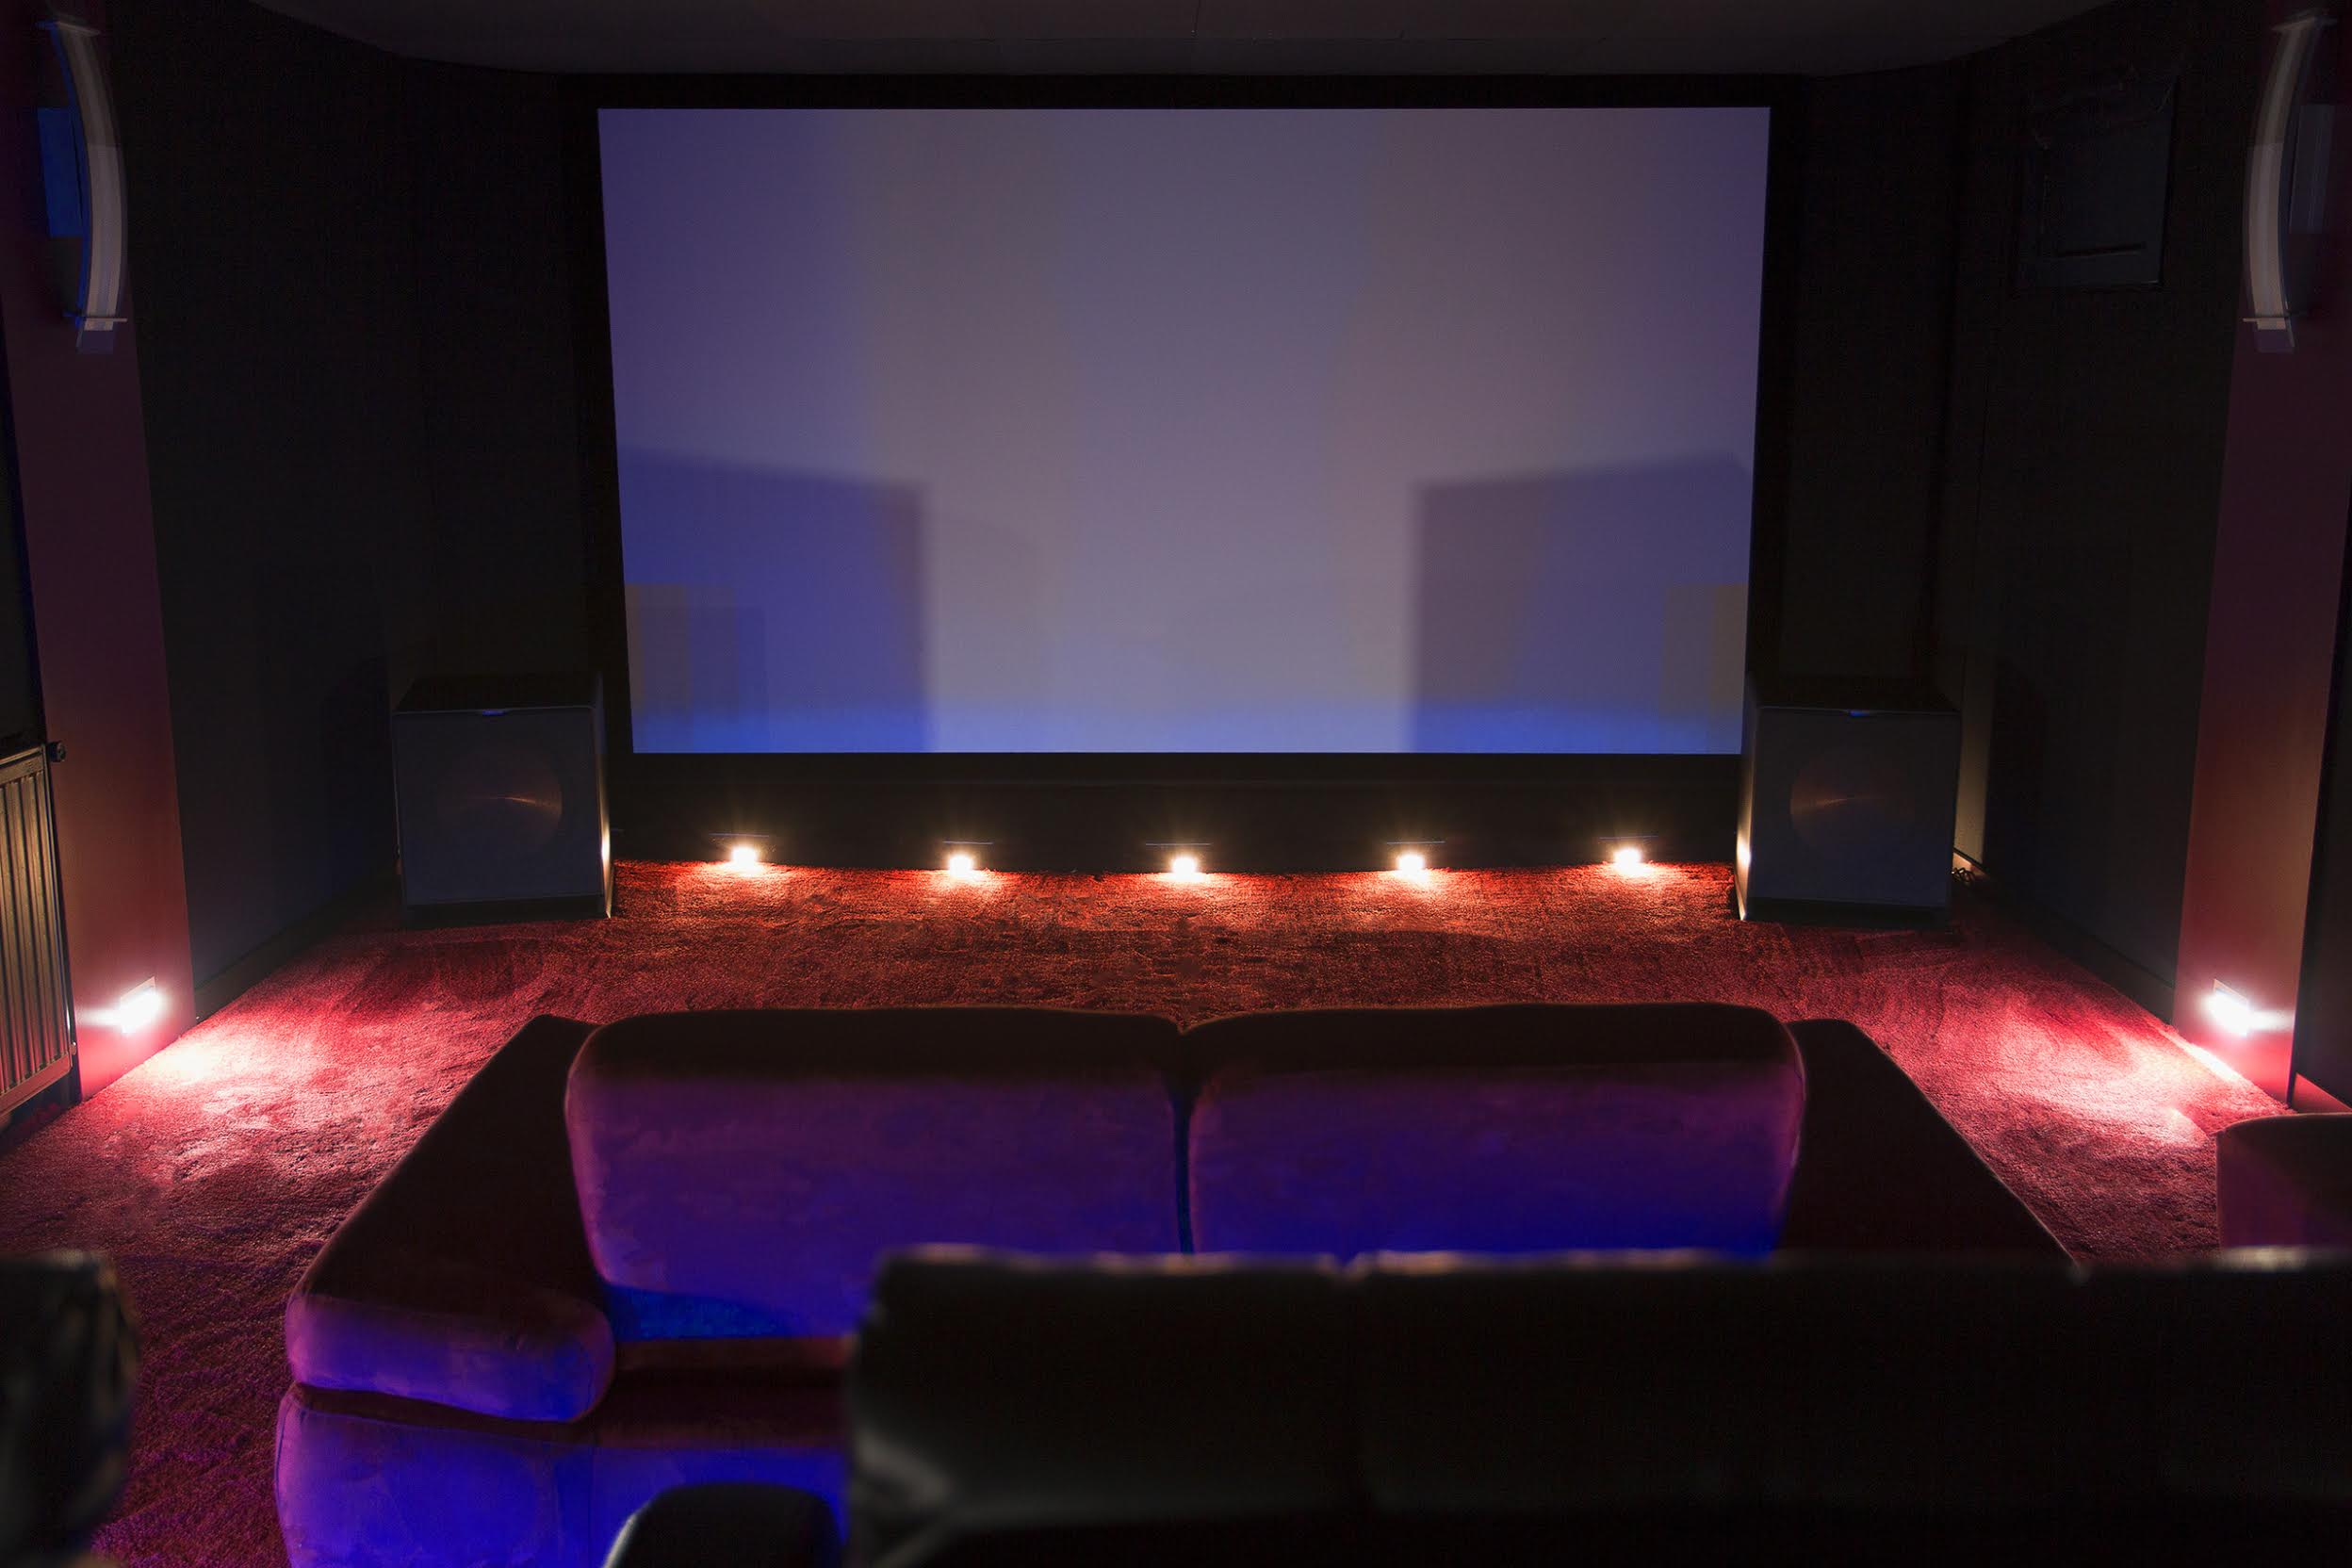 Visite d une salle home cin ma klispch thx anthem 7 2 le blog de son vid - Home cinema 7 2 ...